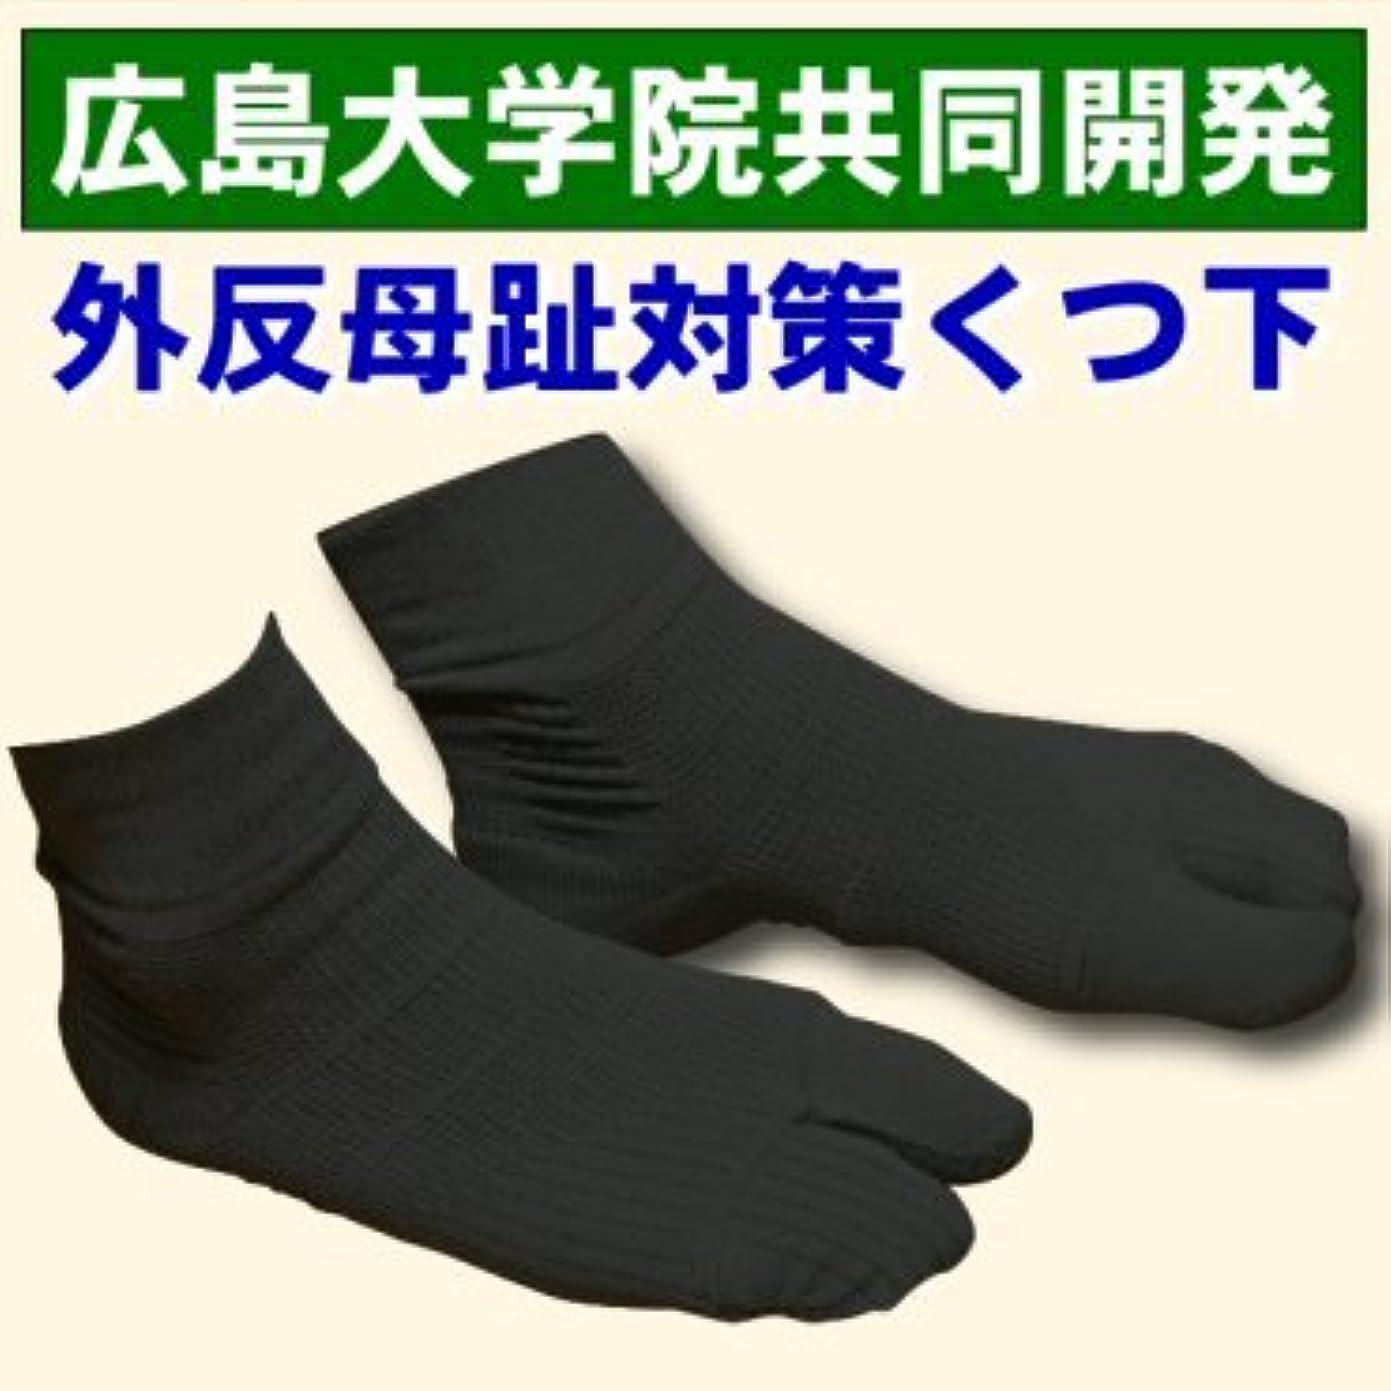 制限されたマーチャンダイザー無線外反母趾対策靴下(24-25cm?ブラック)【日本製】